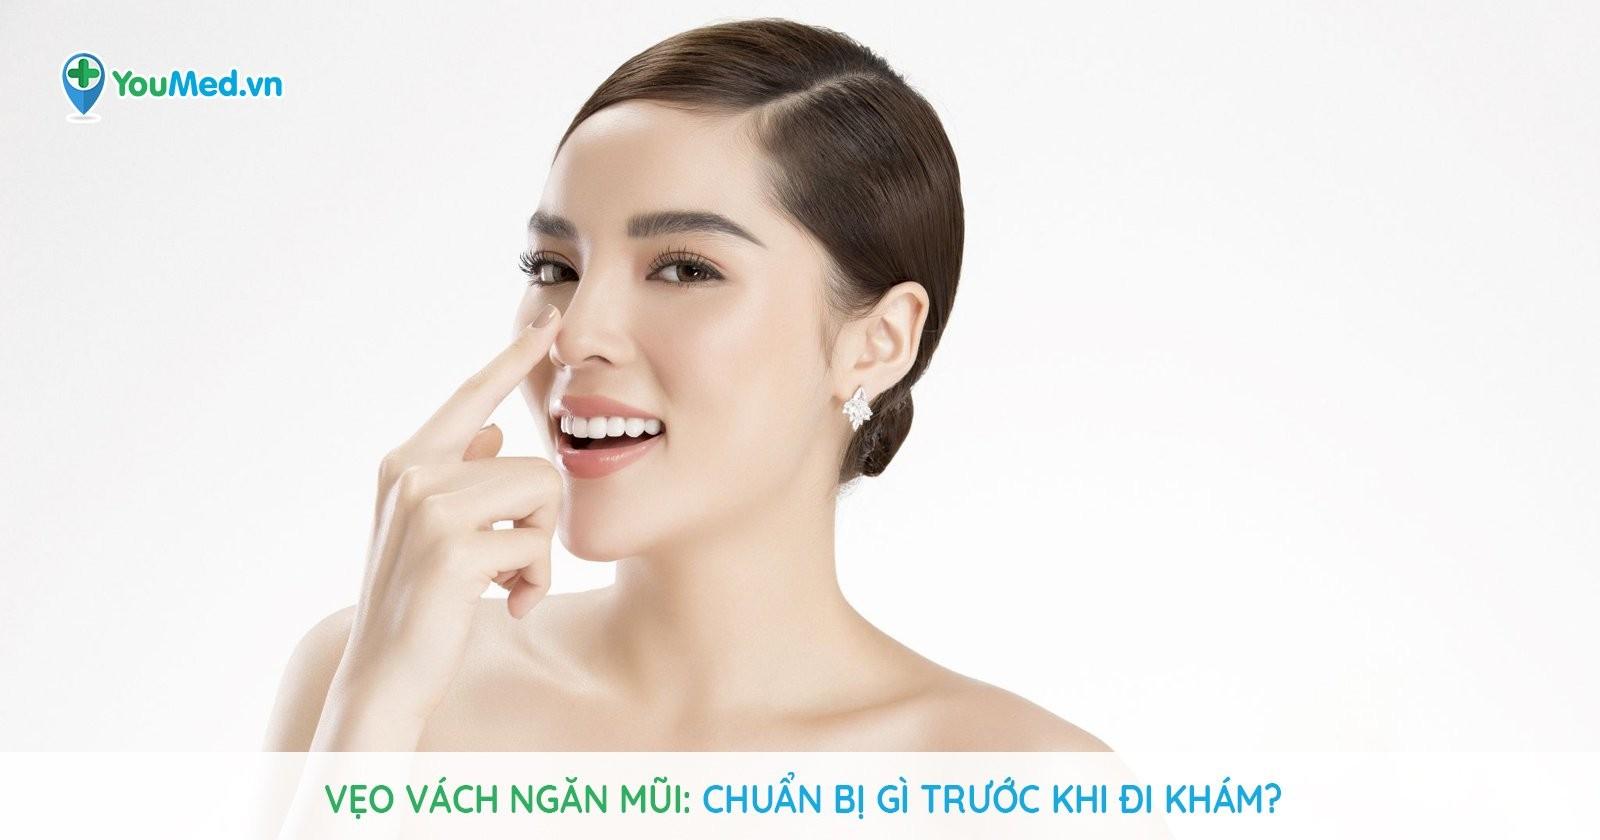 Vẹo vách ngăn mũi: Chuẩn bị gì trước khi đi khám?